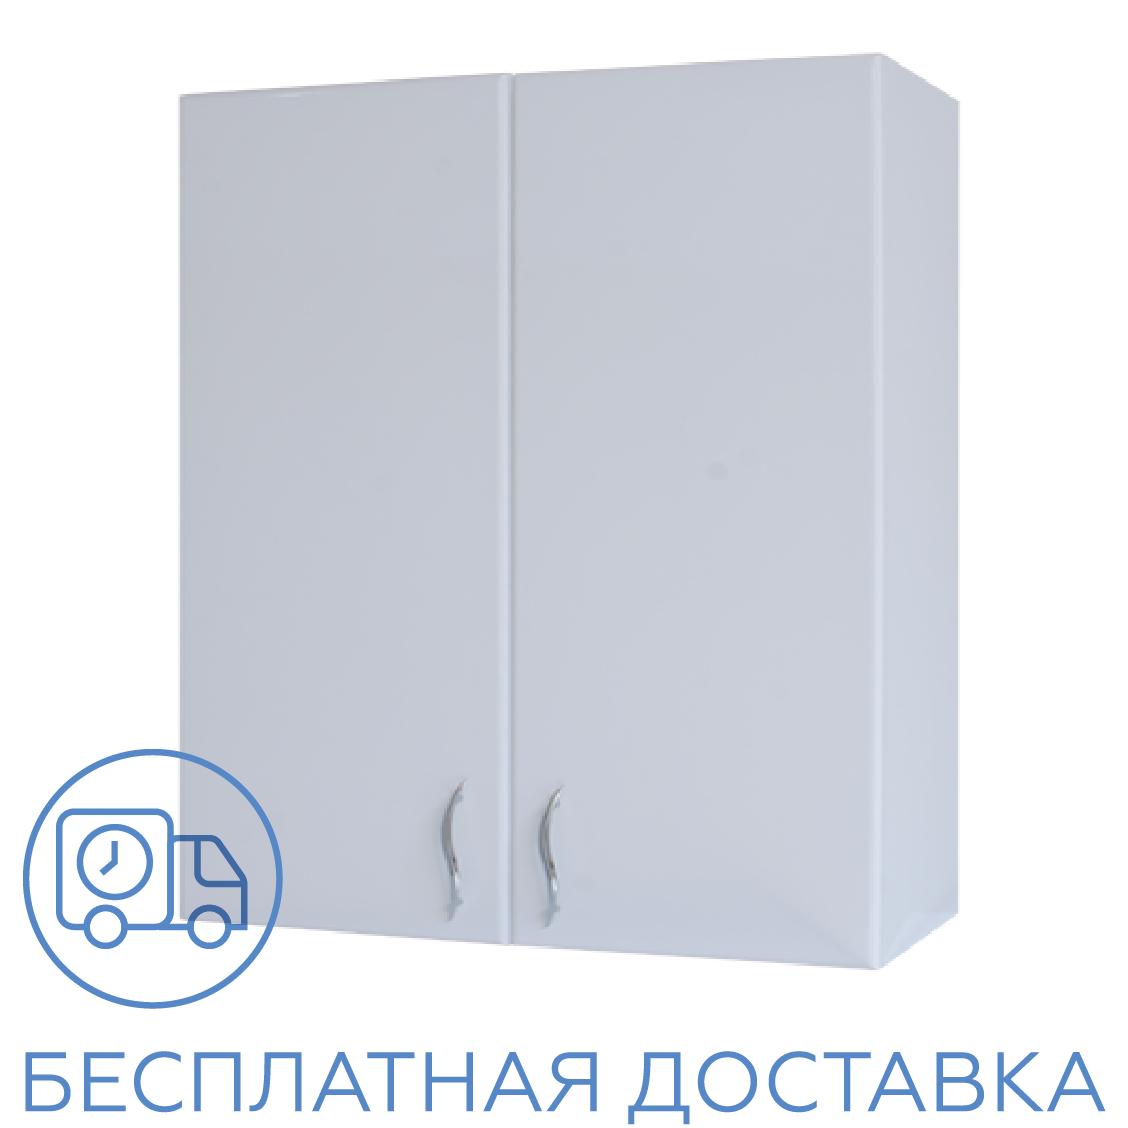 Шкаф навесной для ванной комнаты Базис 80-02 ПИК